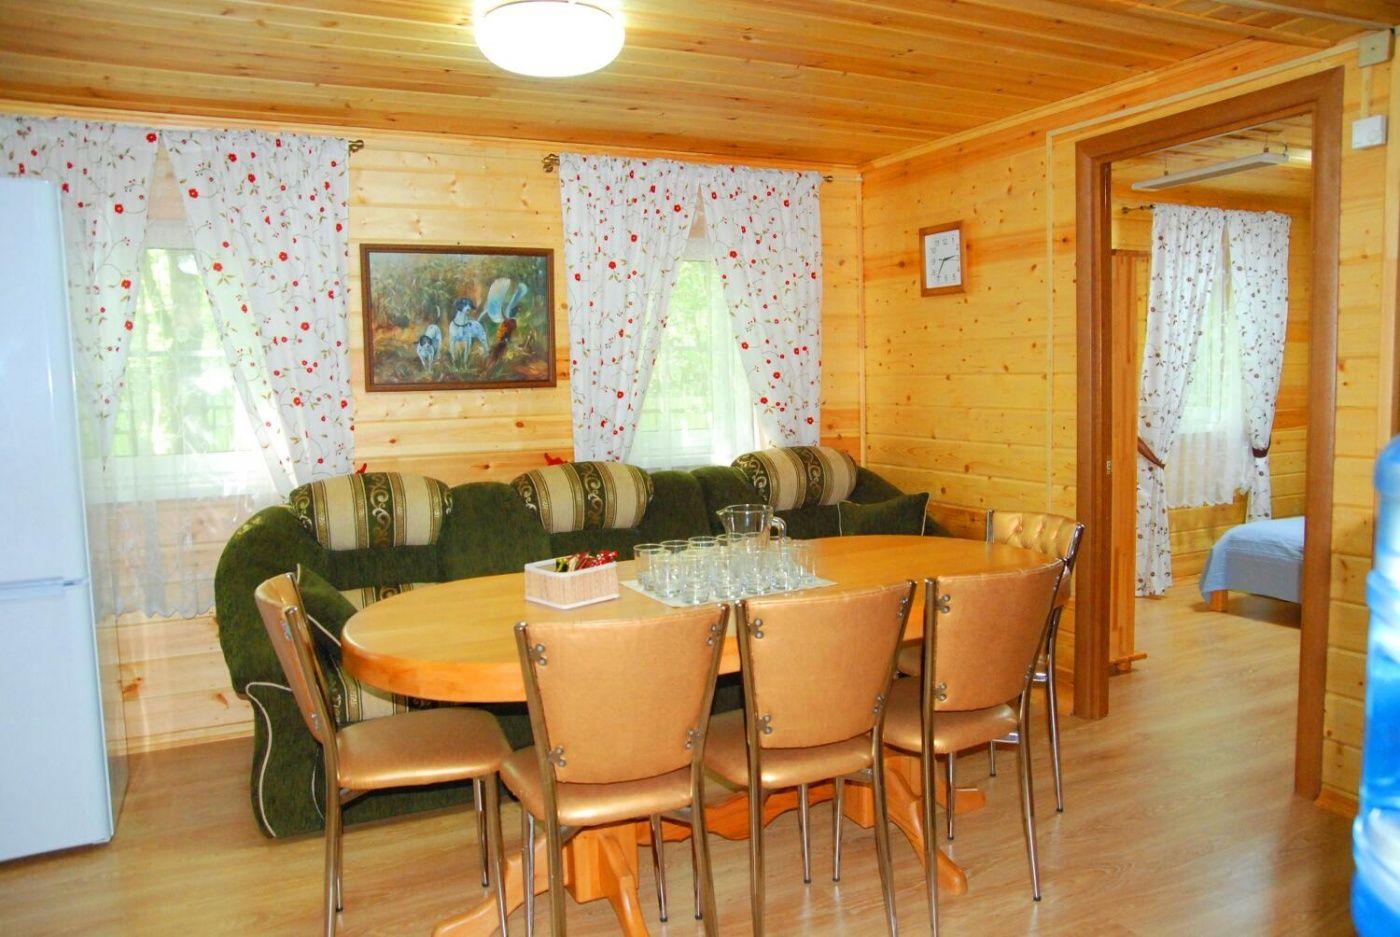 Резиденция Комфорта «Family Fishing» Краснодарский край Дом №10 в лесу, фото 7